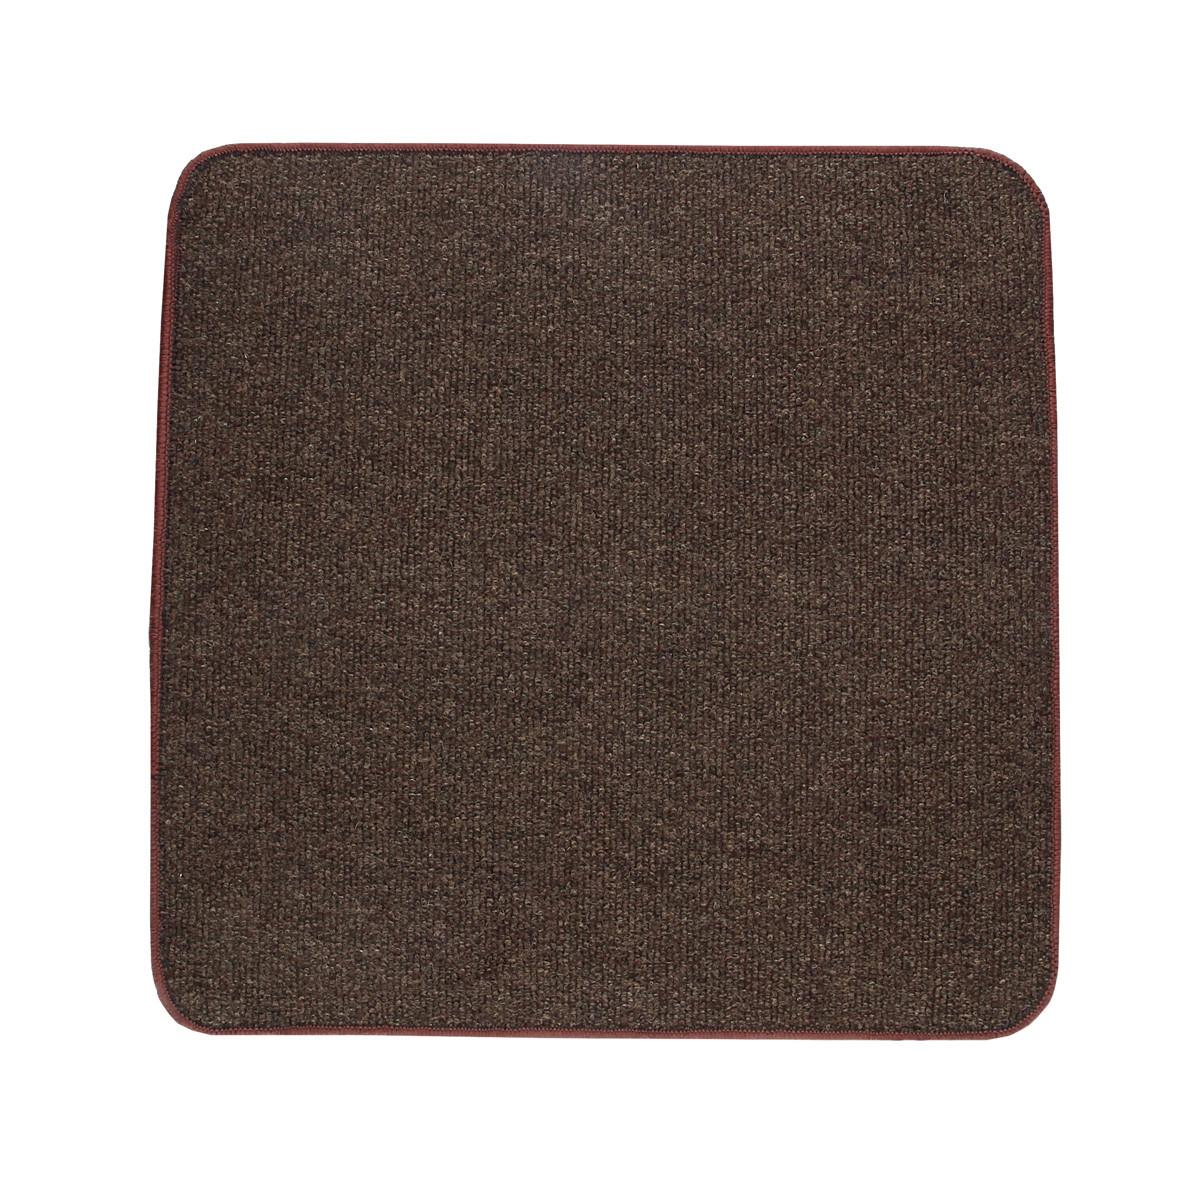 Електричний килимок з підігрівом Теплик двосторонній 100 х 100 см Темно-коричневий